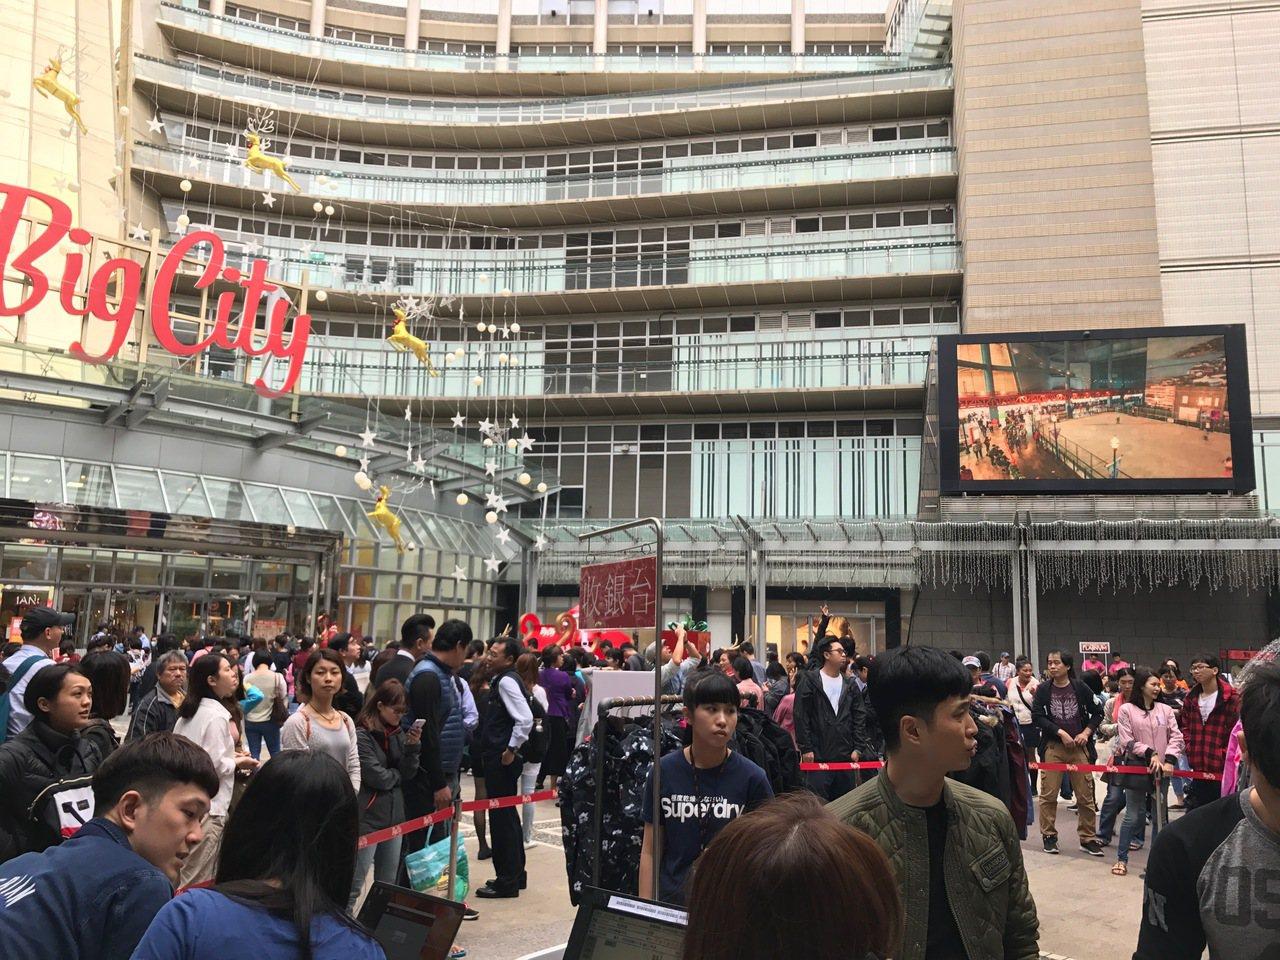 巨城購物中心開店前,就吸引大批人潮排隊搶好康。業者/提供